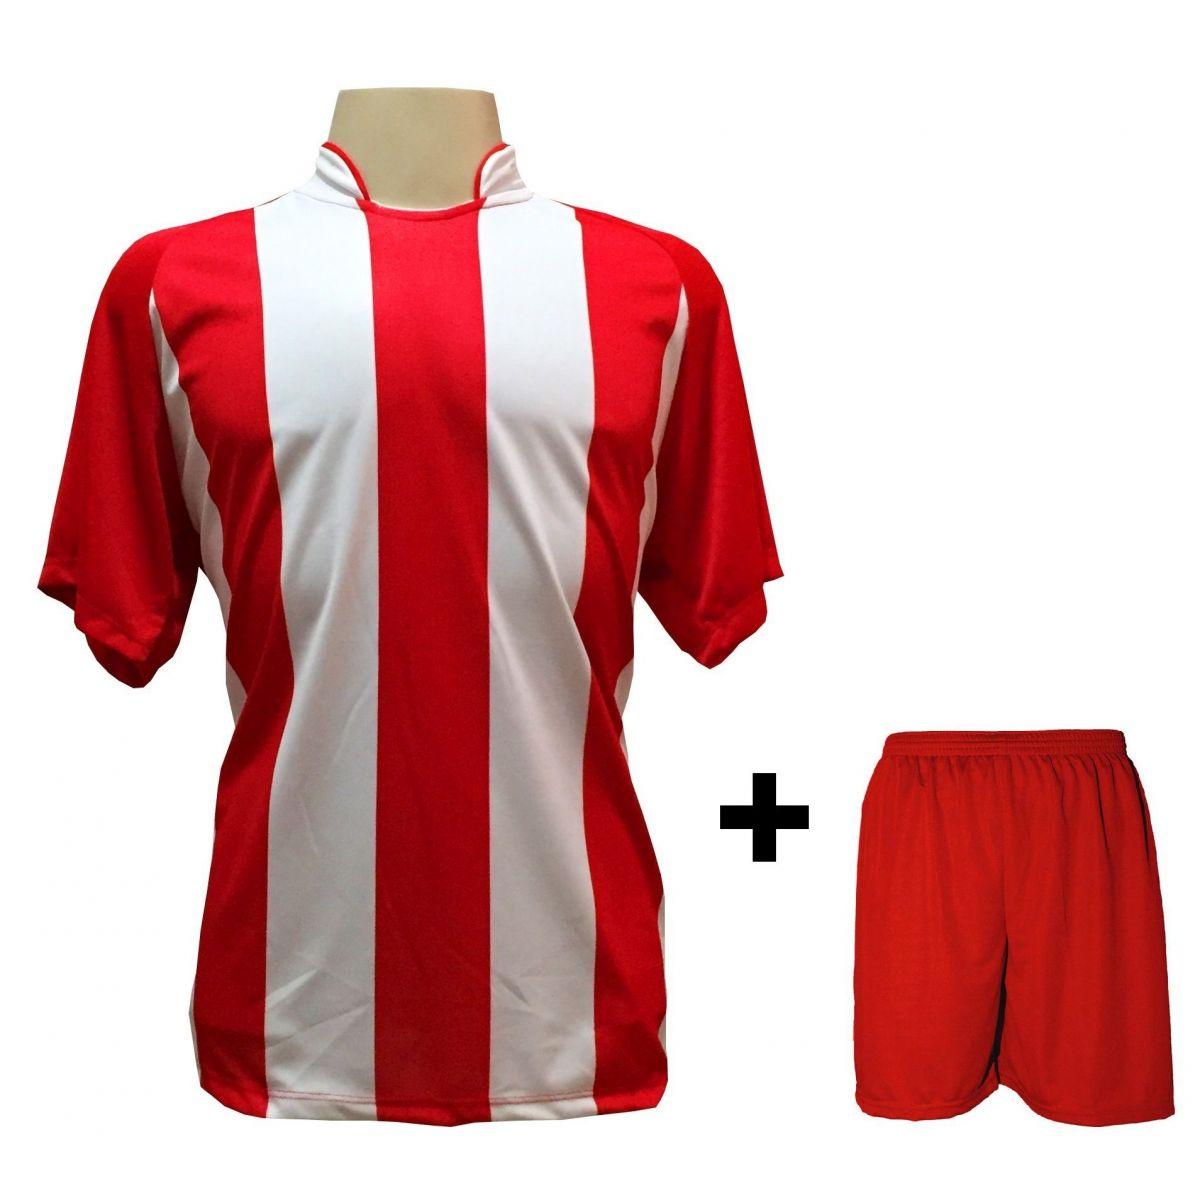 Uniforme Esportivo com 12 camisas modelo Milan Vermelho/Branco + 12 calções modelo Madrid + 1 Goleiro + Brindes